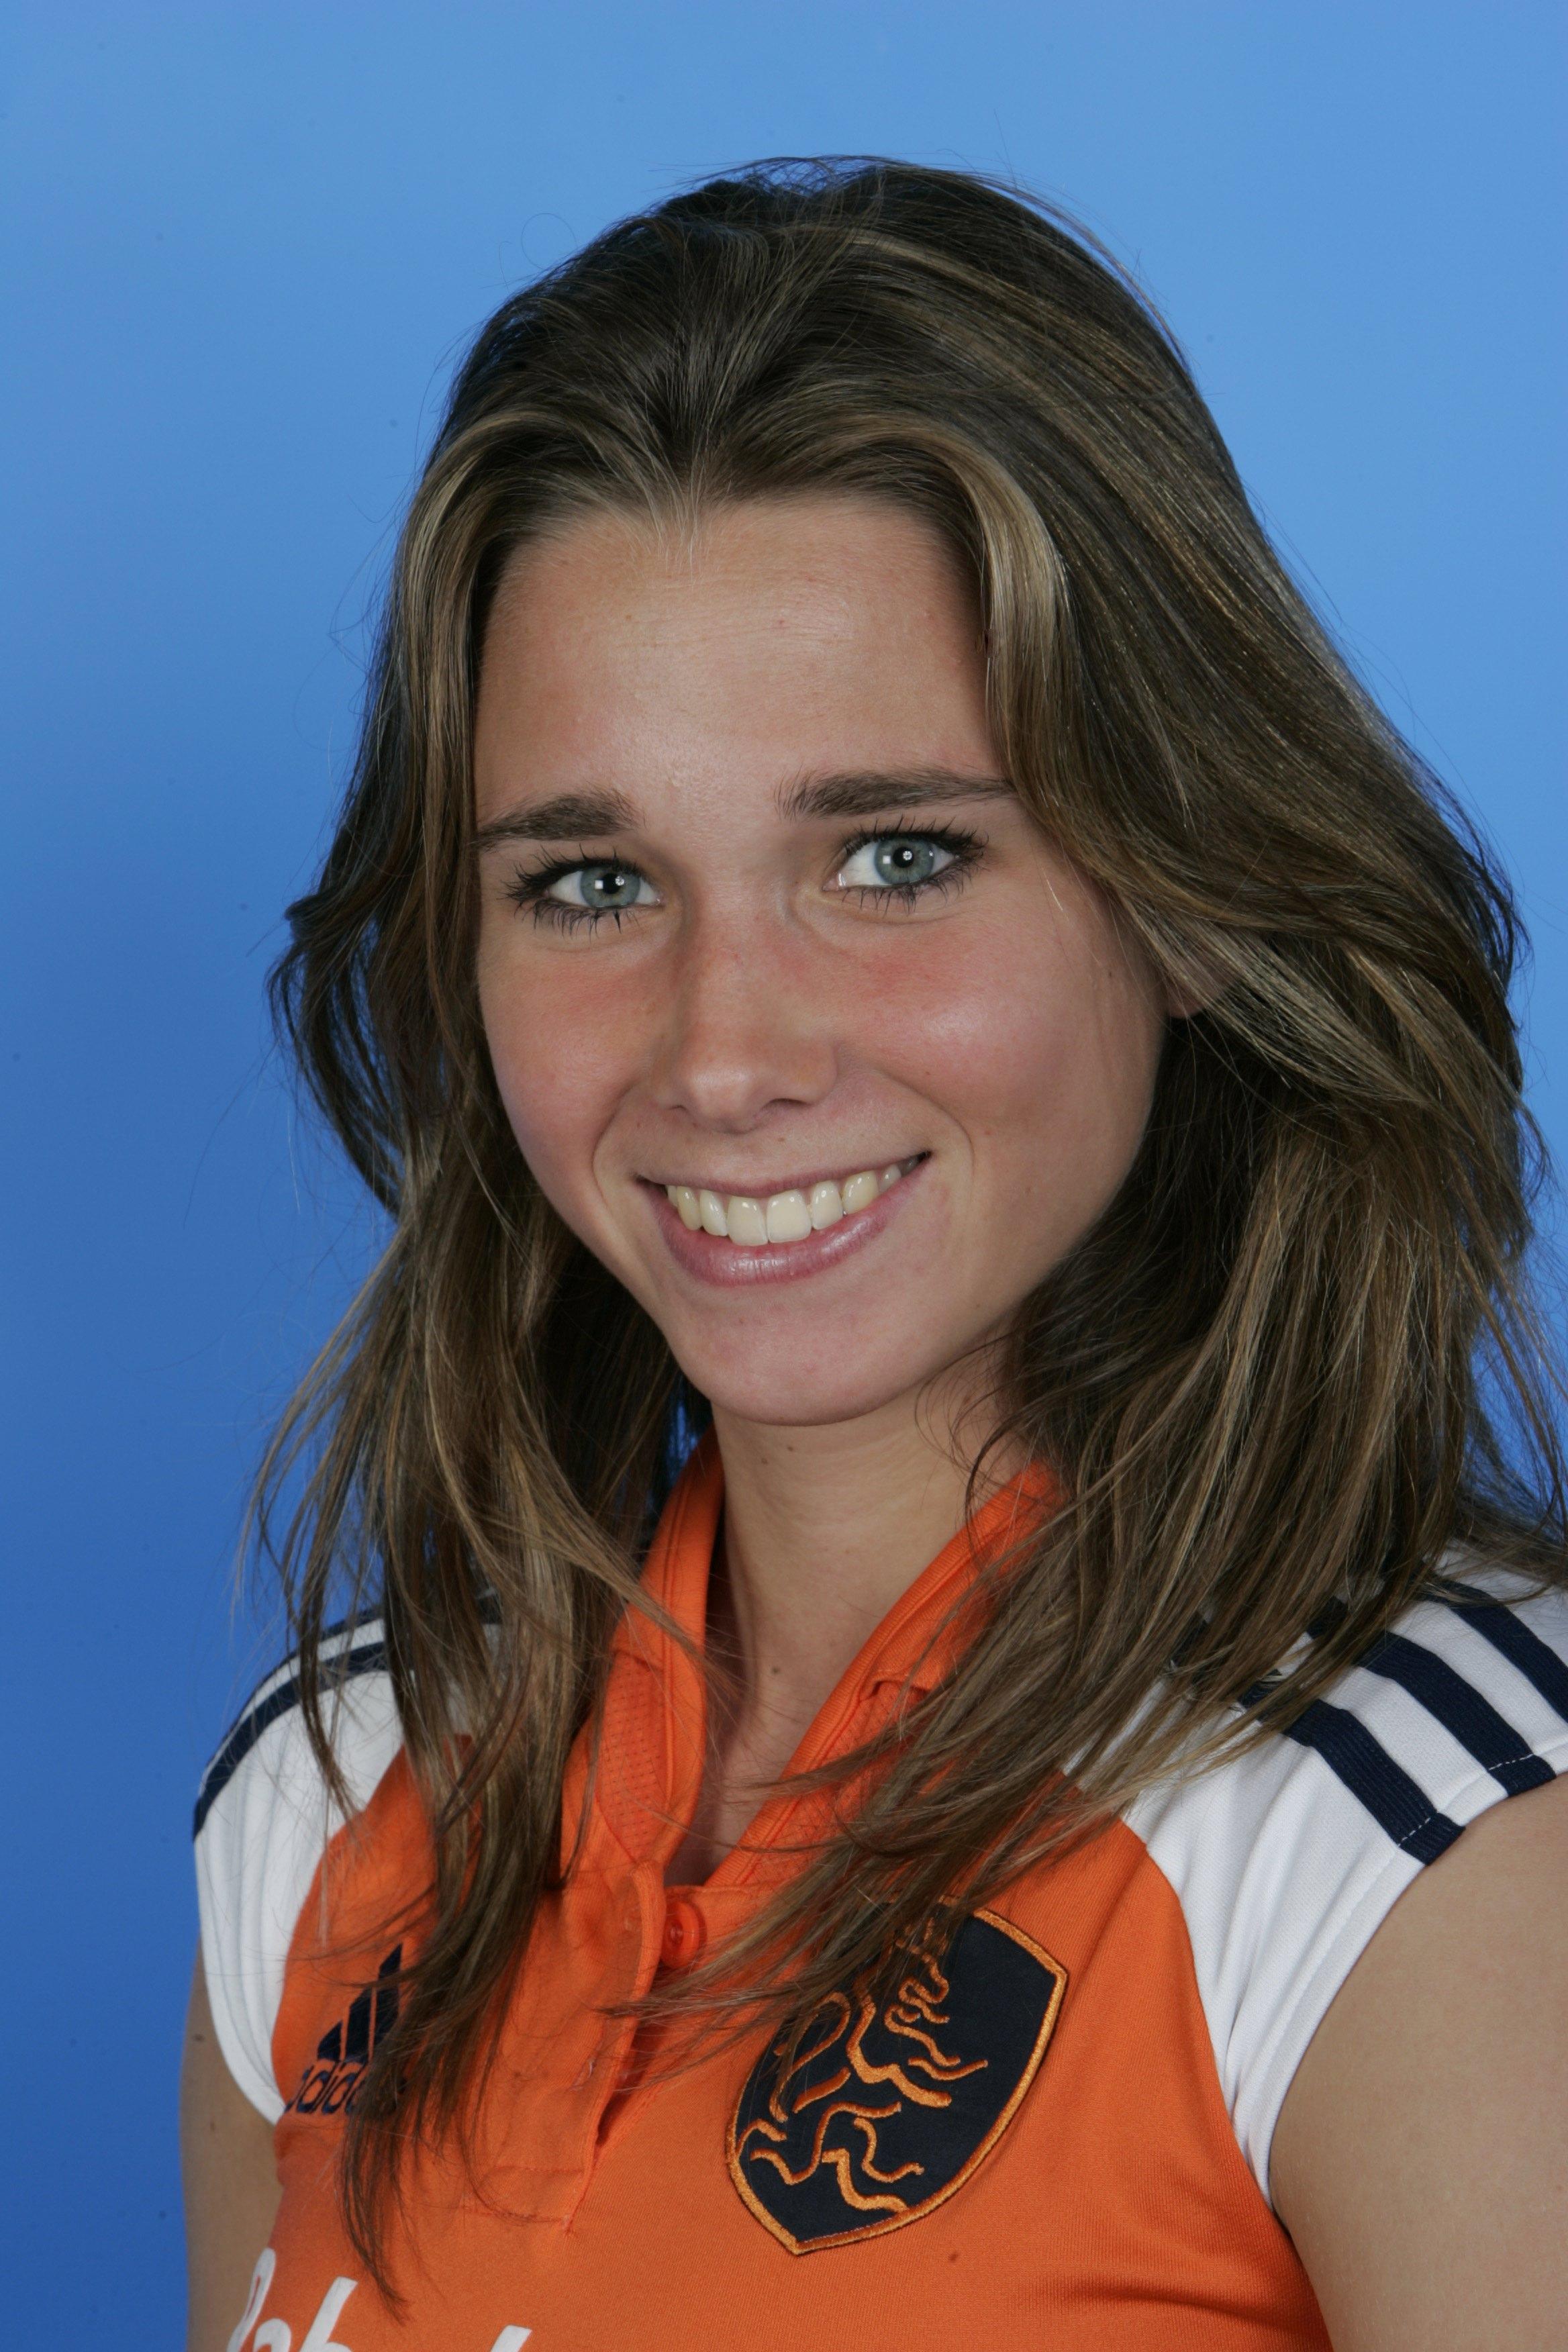 080407, Portretfoto Nederlands elftal dames. Ellen Hoog.